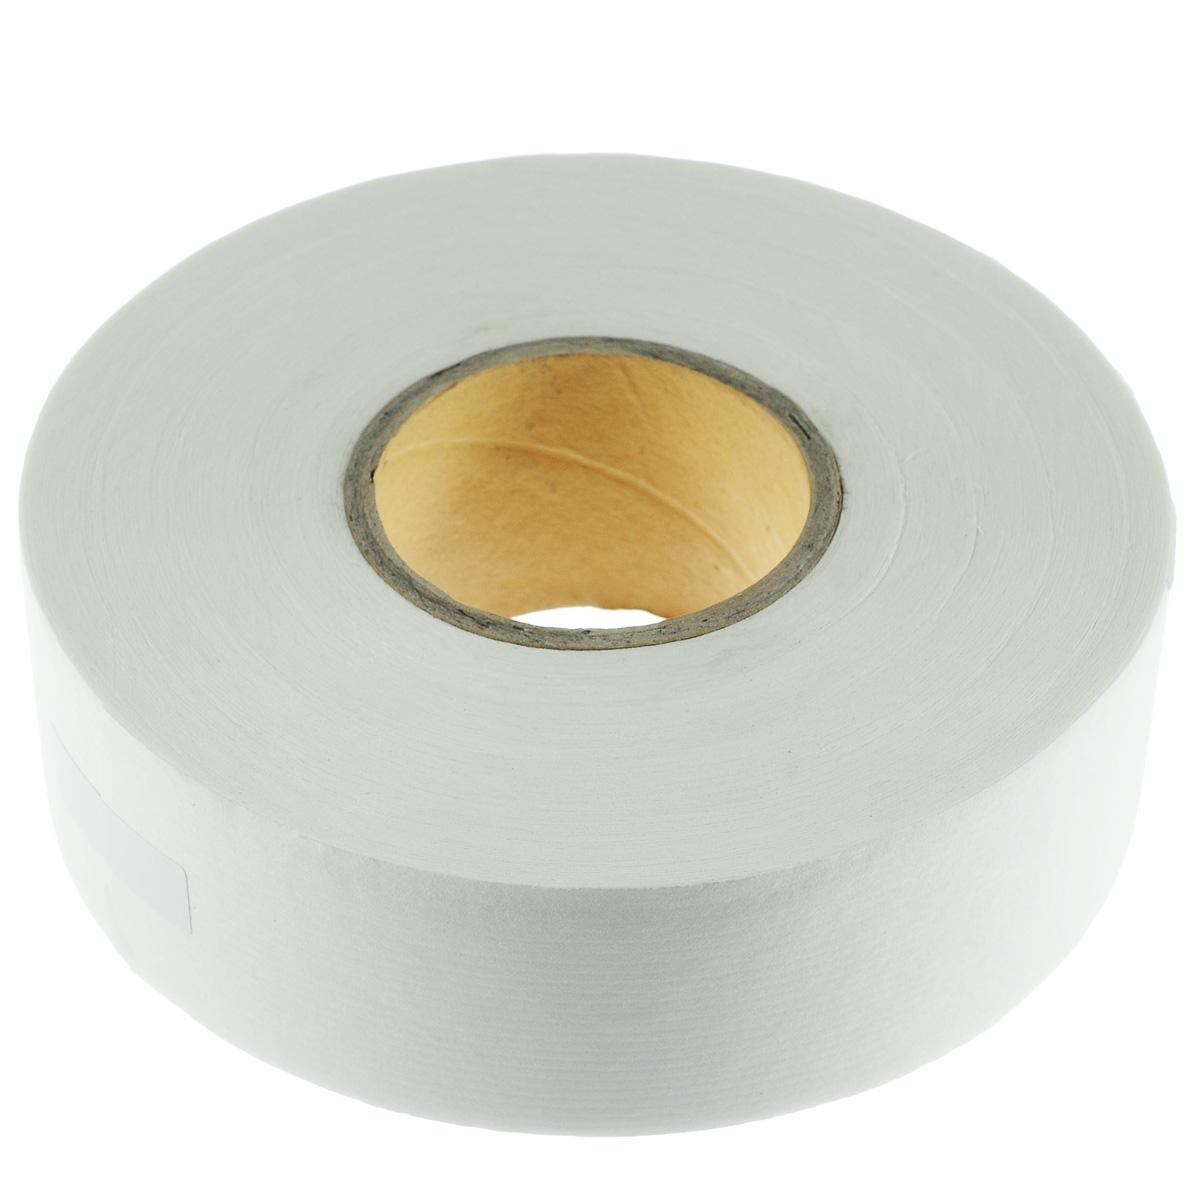 Лента клеевая Prym Паутинка, цвет: белый, ширина 4 см, длина 50 м968181Клеевая лента Prym, изготовленная из полиамида, предназначена для усиления швов и подгибов изделия. Лента оснащена бумажным защитным слоем. Используется на трикотажных и эластичных тканях, препятствует деформации и растяжению.